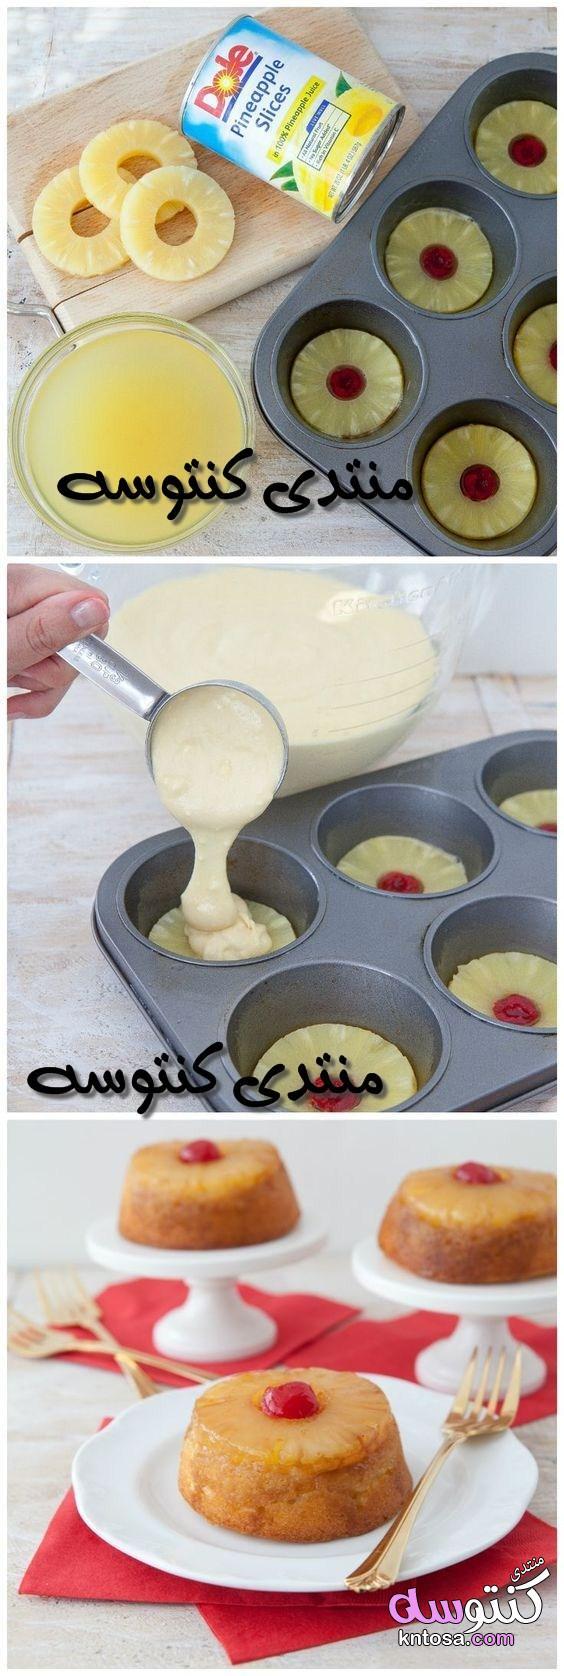 حلويات بالفواكه الطازجةطريقة عمل حلويات سريعة وغير مكلفة